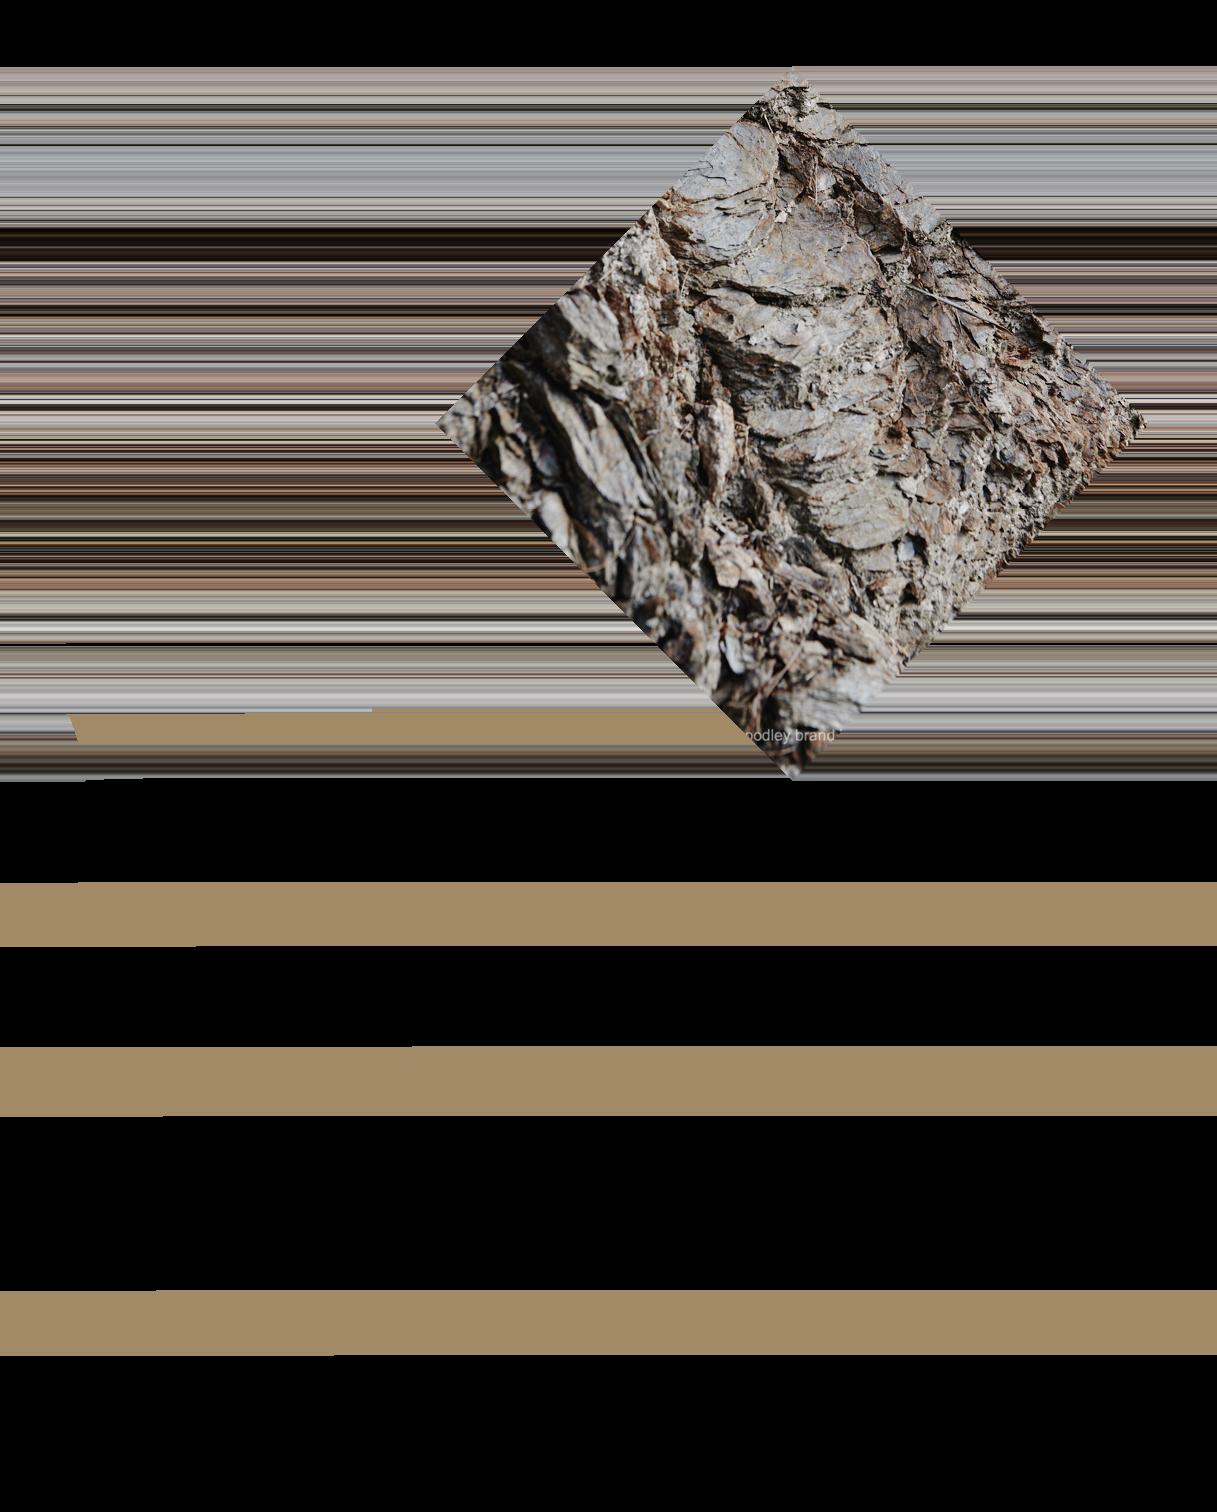 stk_web_grafiken6